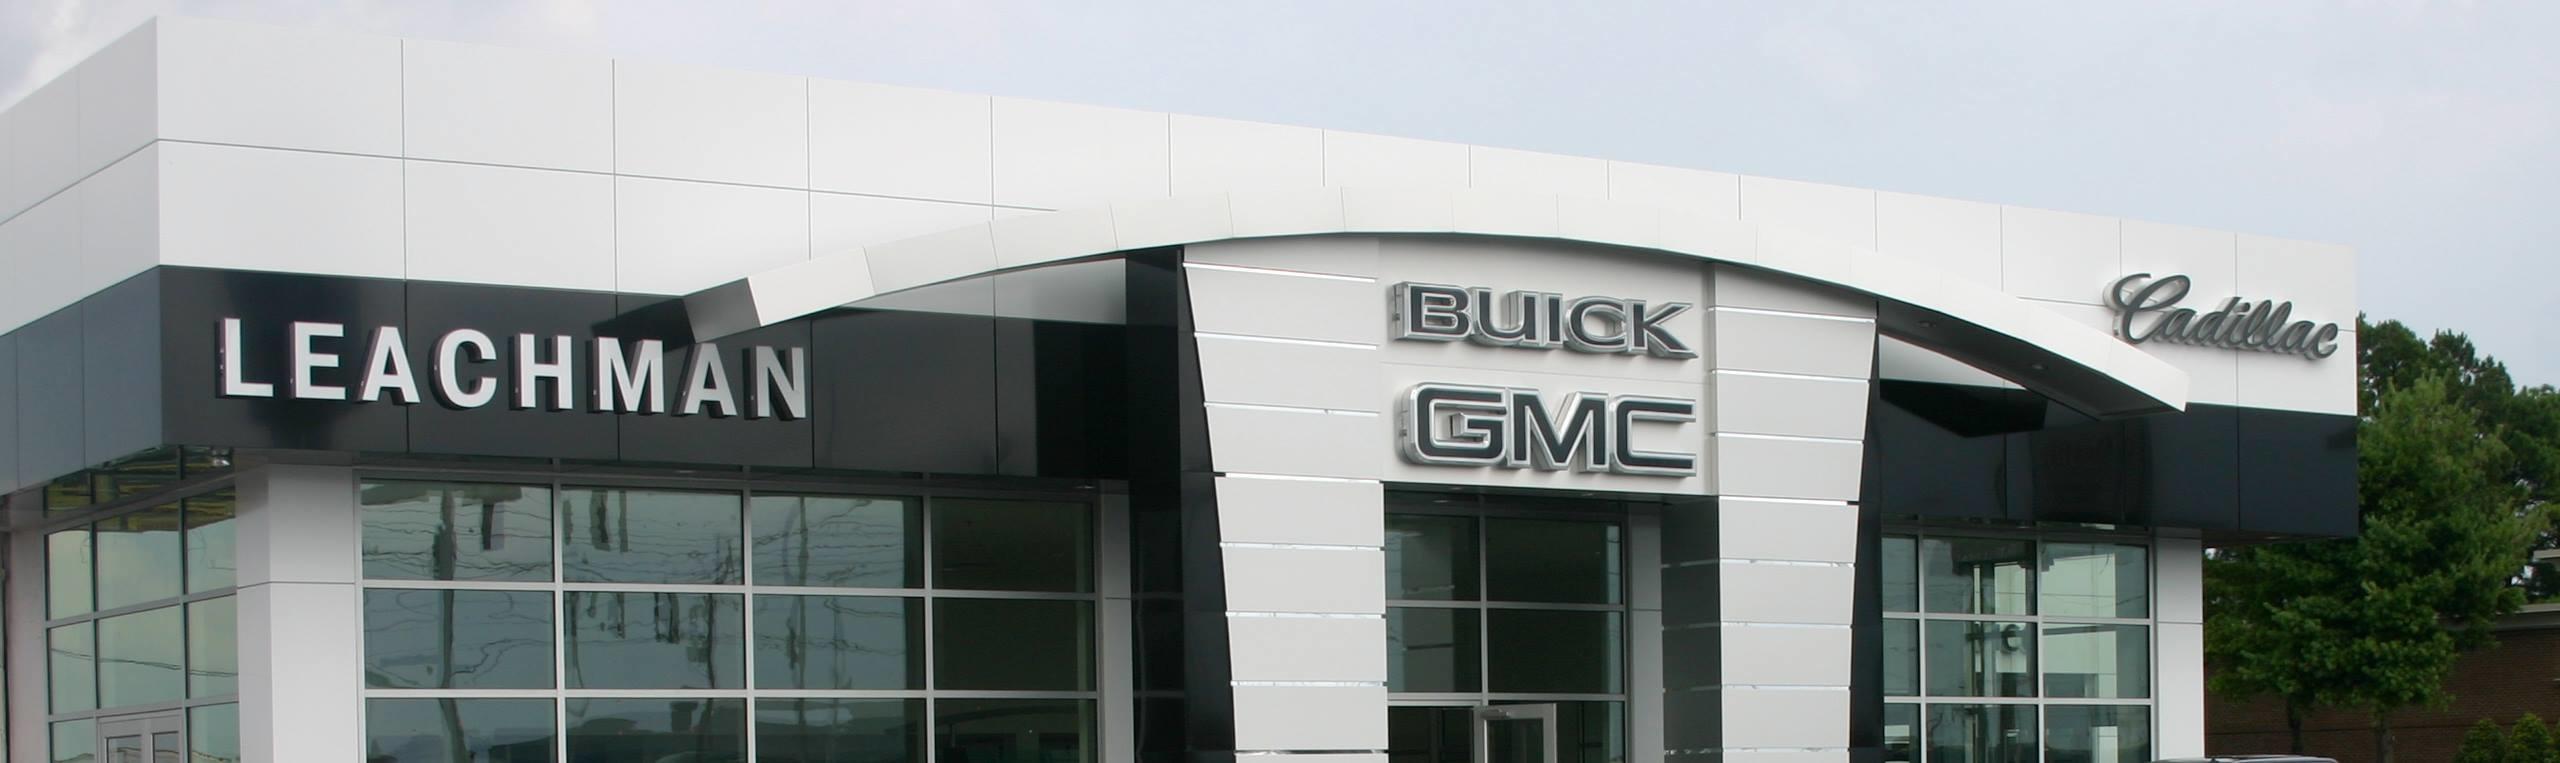 Leachman Buick GMC Cadillac image 4